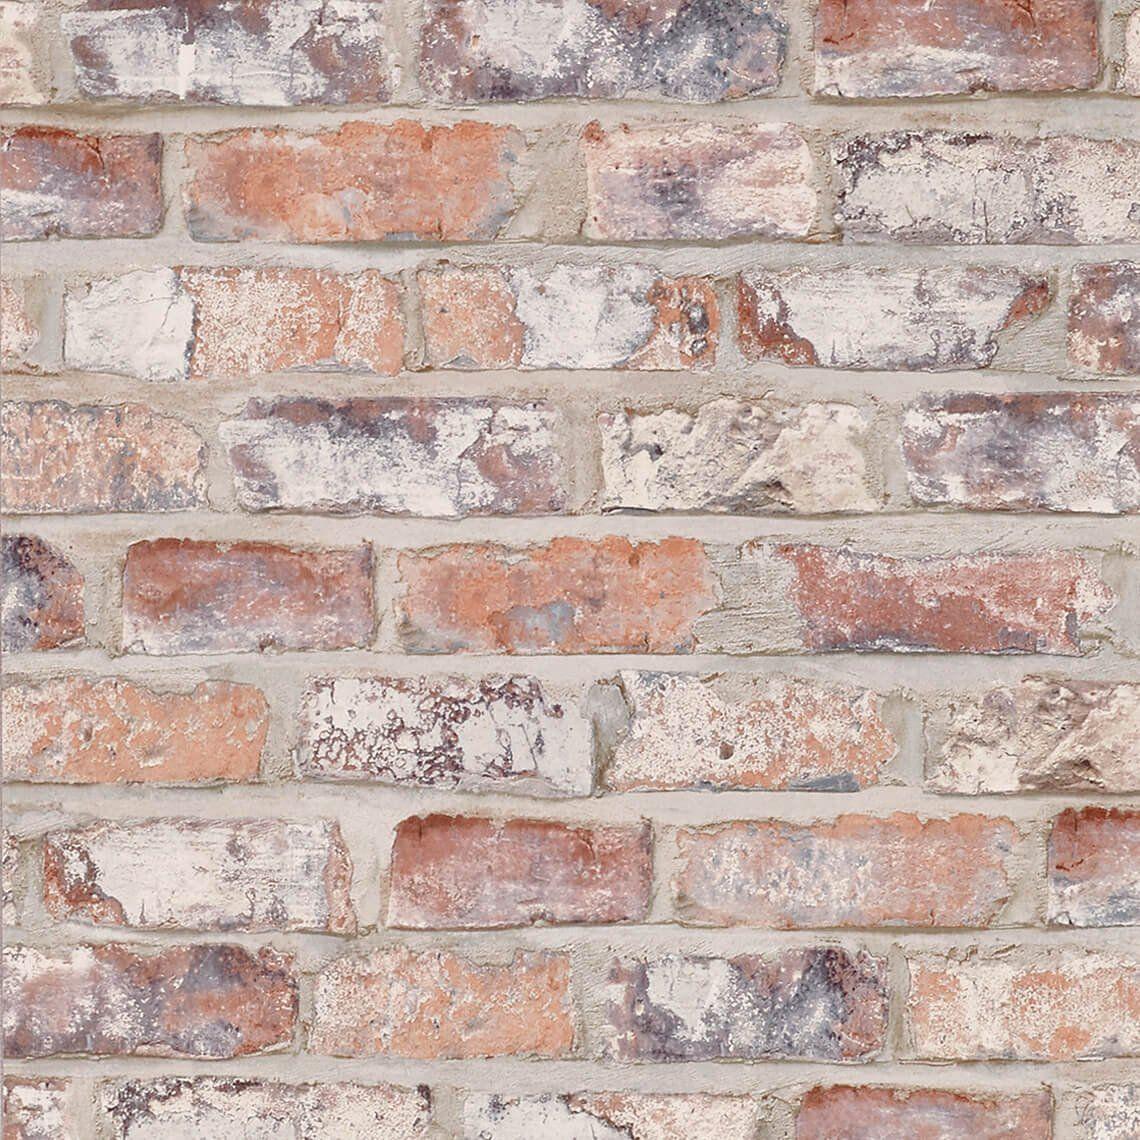 papier peint new brique vinyle sur intiss imitation briques id appart pinterest briques. Black Bedroom Furniture Sets. Home Design Ideas